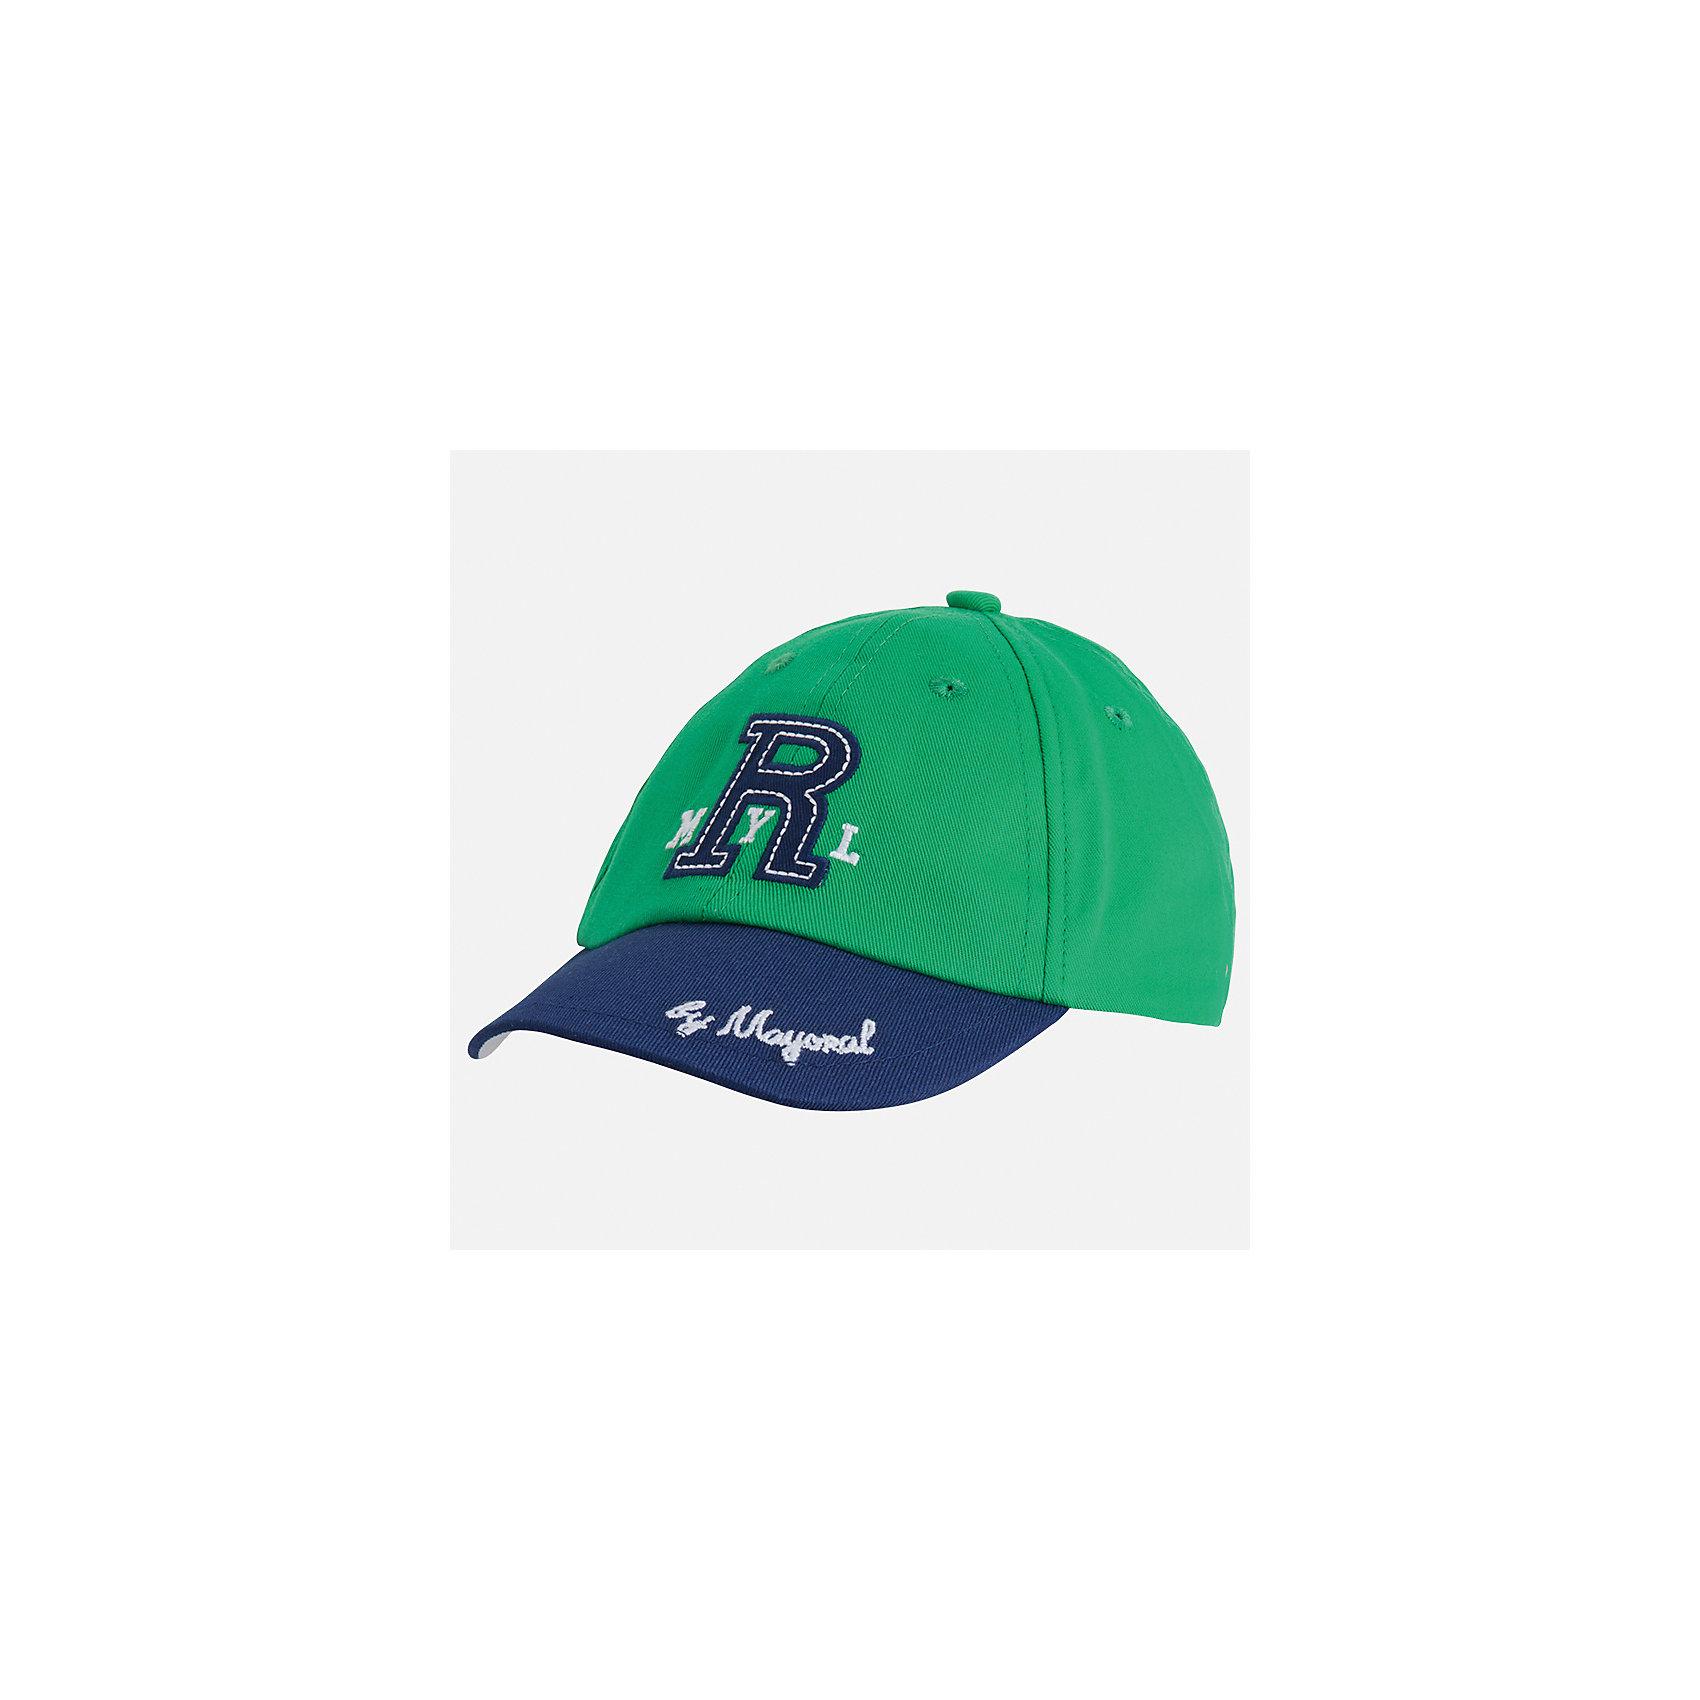 Кепка для мальчика MayoralЛетние<br>Характеристики товара:<br><br>• цвет: зелёный/синий<br>• состав: 100% хлопок, подкладка - 80% полиэстер, 20% хлопок<br>• сзади - регулятор размера<br>• отверстия для вентиляции<br>• декорирована вышивкой<br>• страна бренда: Испания<br><br>Красивая удобная кепка поможет обеспечить ребенку защиту от солнца и дополнить наряд. Универсальный цвет позволяет надевать её под одежду различных расцветок. Кепка удобно сидит и красиво смотрится. В составе материала - натуральный хлопок, гипоаллергенный, приятный на ощупь, дышащий. <br><br>Одежда, обувь и аксессуары от испанского бренда Mayoral полюбились детям и взрослым по всему миру. Модели этой марки - стильные и удобные. Для их производства используются только безопасные, качественные материалы и фурнитура. Порадуйте ребенка модными и красивыми вещами от Mayoral! <br><br>Кепку для мальчика от испанского бренда Mayoral (Майорал) можно купить в нашем интернет-магазине.<br><br>Ширина мм: 89<br>Глубина мм: 117<br>Высота мм: 44<br>Вес г: 155<br>Цвет: зеленый<br>Возраст от месяцев: 24<br>Возраст до месяцев: 36<br>Пол: Мужской<br>Возраст: Детский<br>Размер: 50,54,52<br>SKU: 5294413